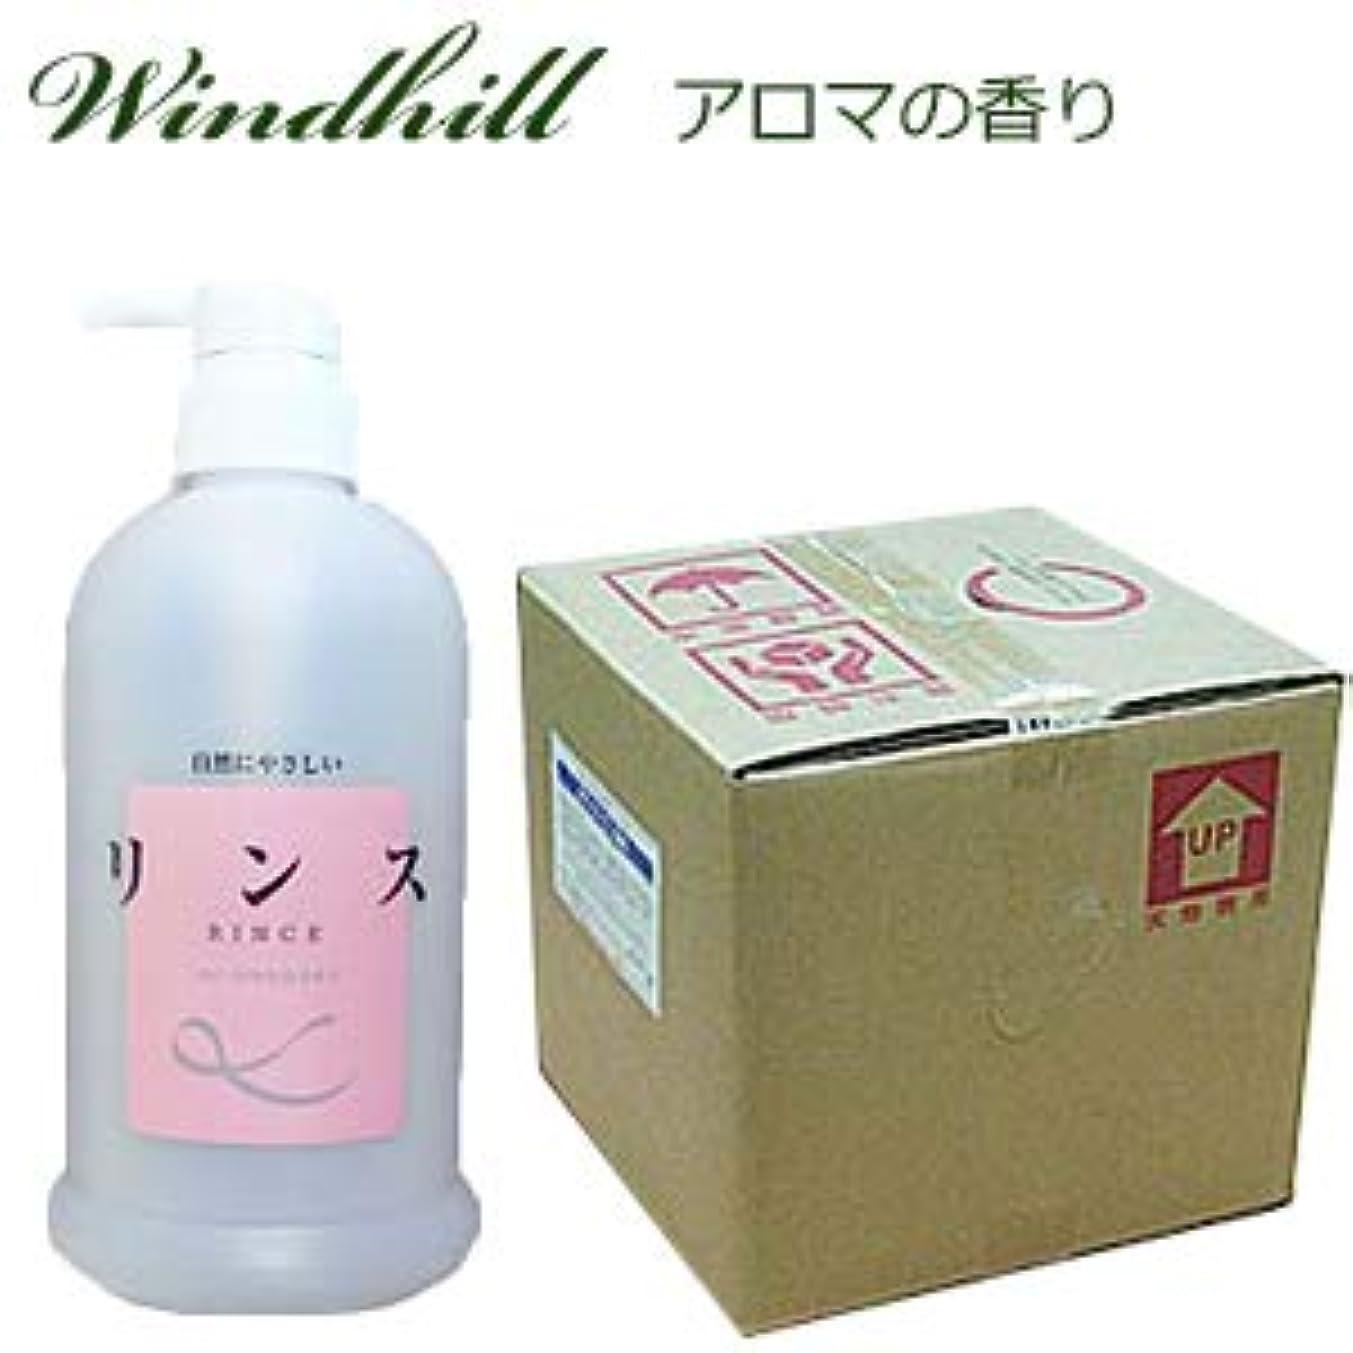 修理可能牧草地飛ぶなんと! 500ml当り188円 Windhill 植物性業務用 リンス 紅茶を思うアロマの香り 20L